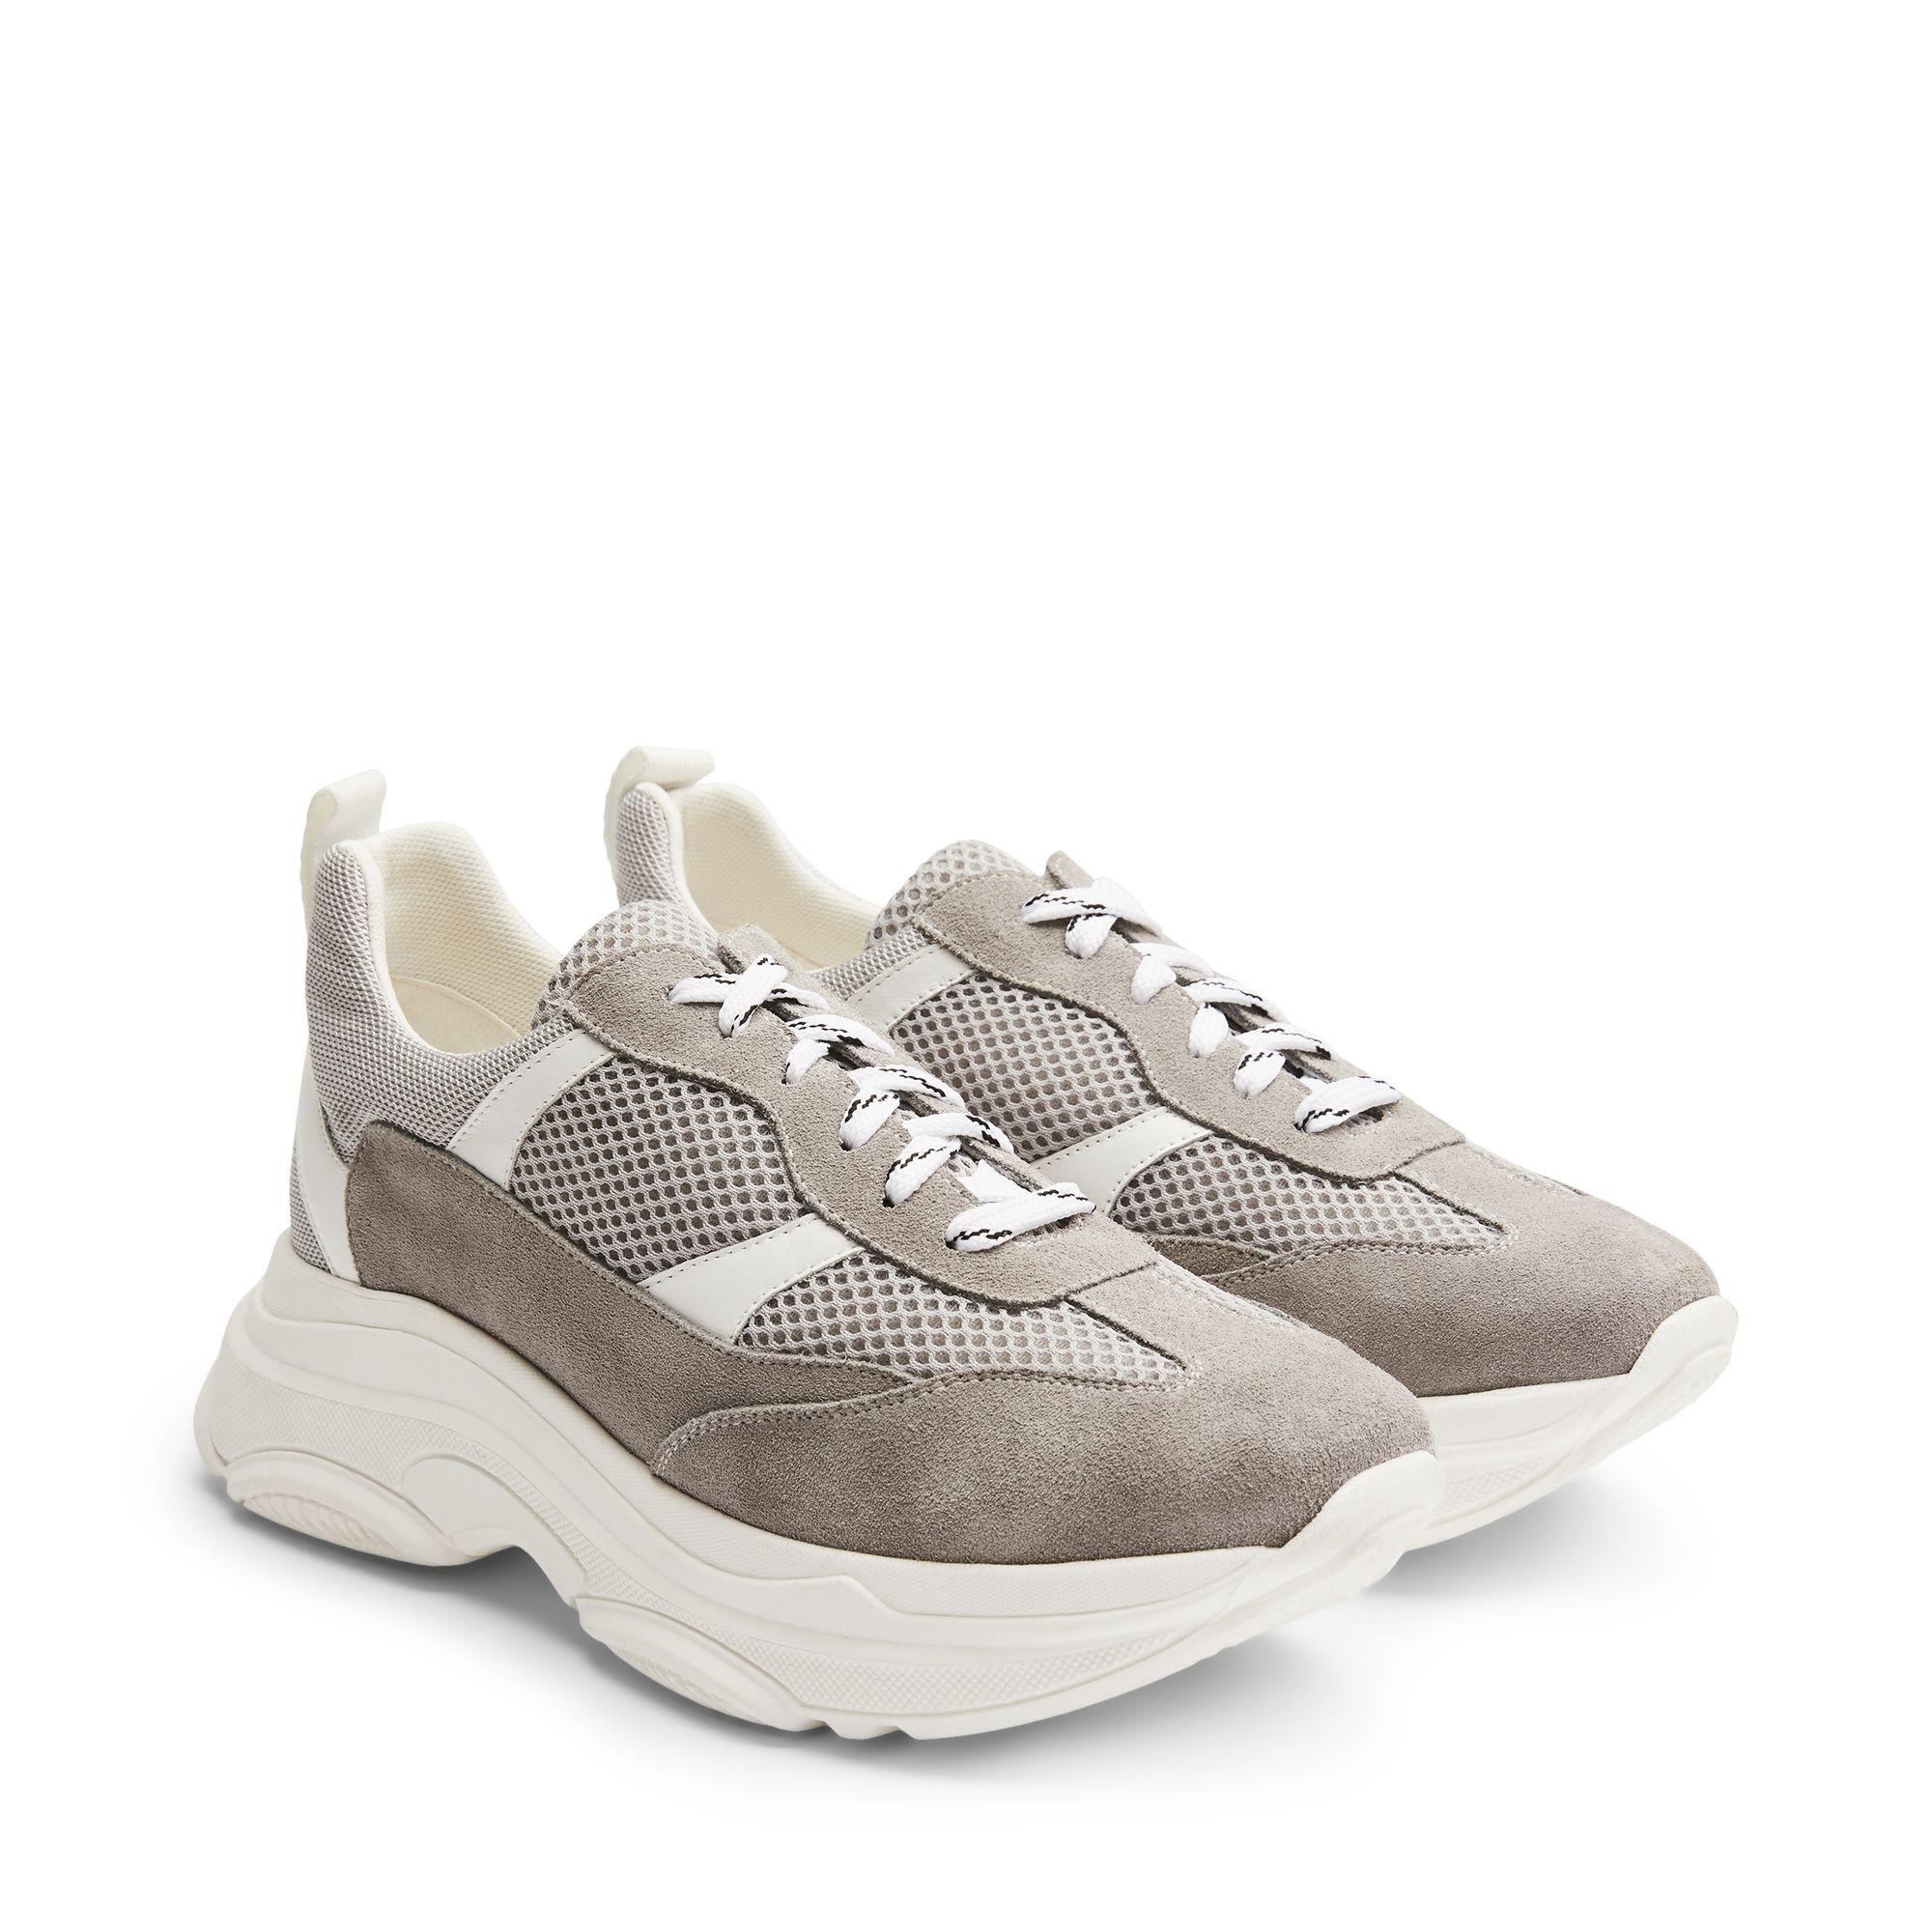 f58d4b86d95 Rizzo Aida chunky sneakers i mocka, Grå, 39 | Damskor